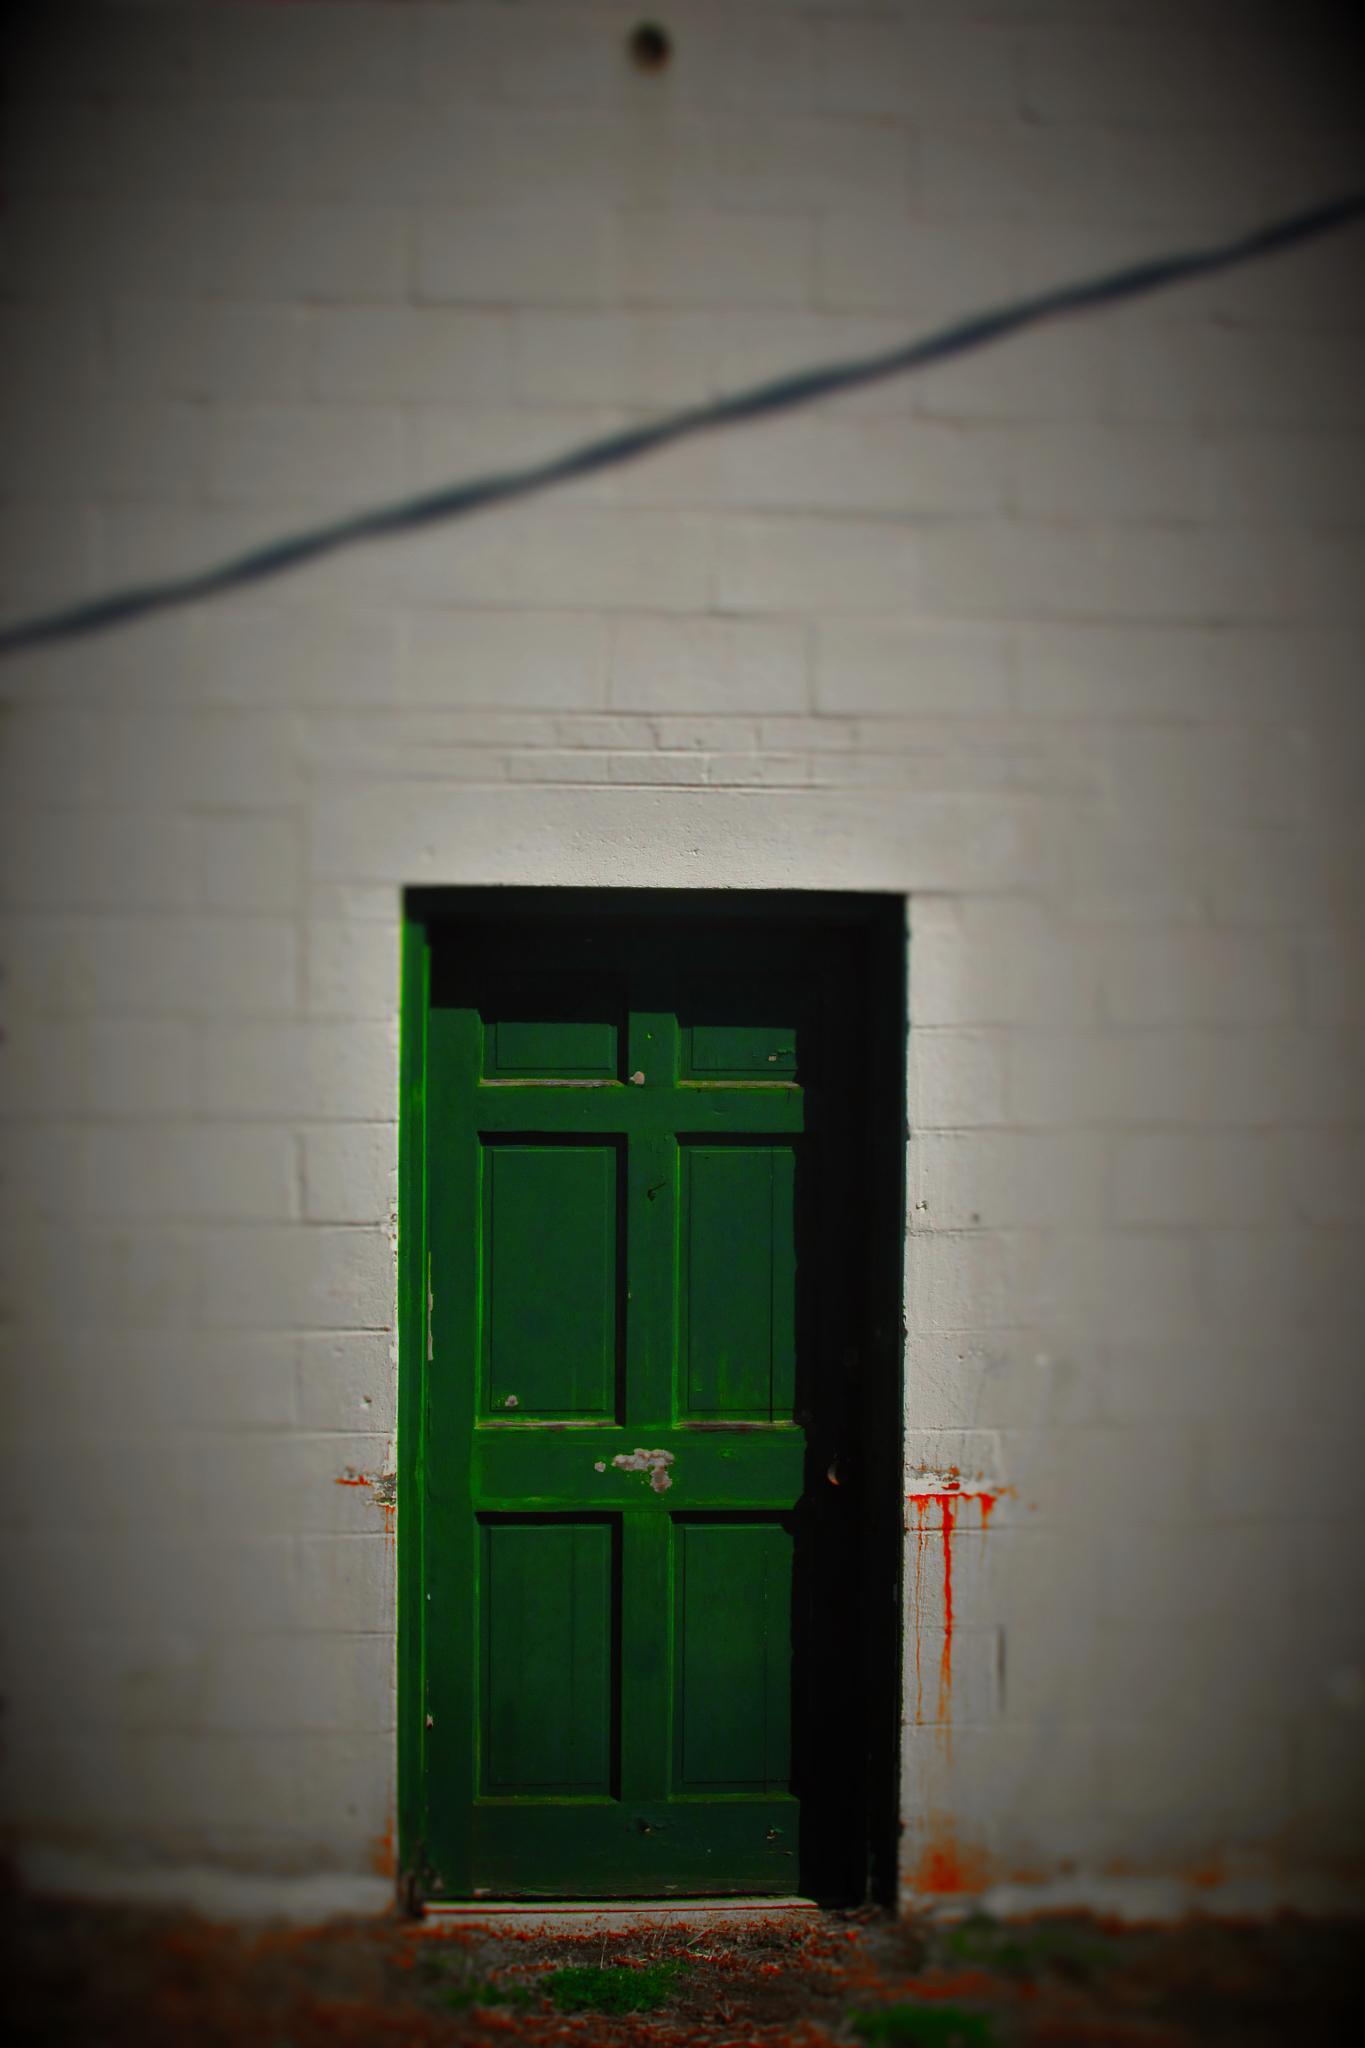 The Green Door by brant.stevenson